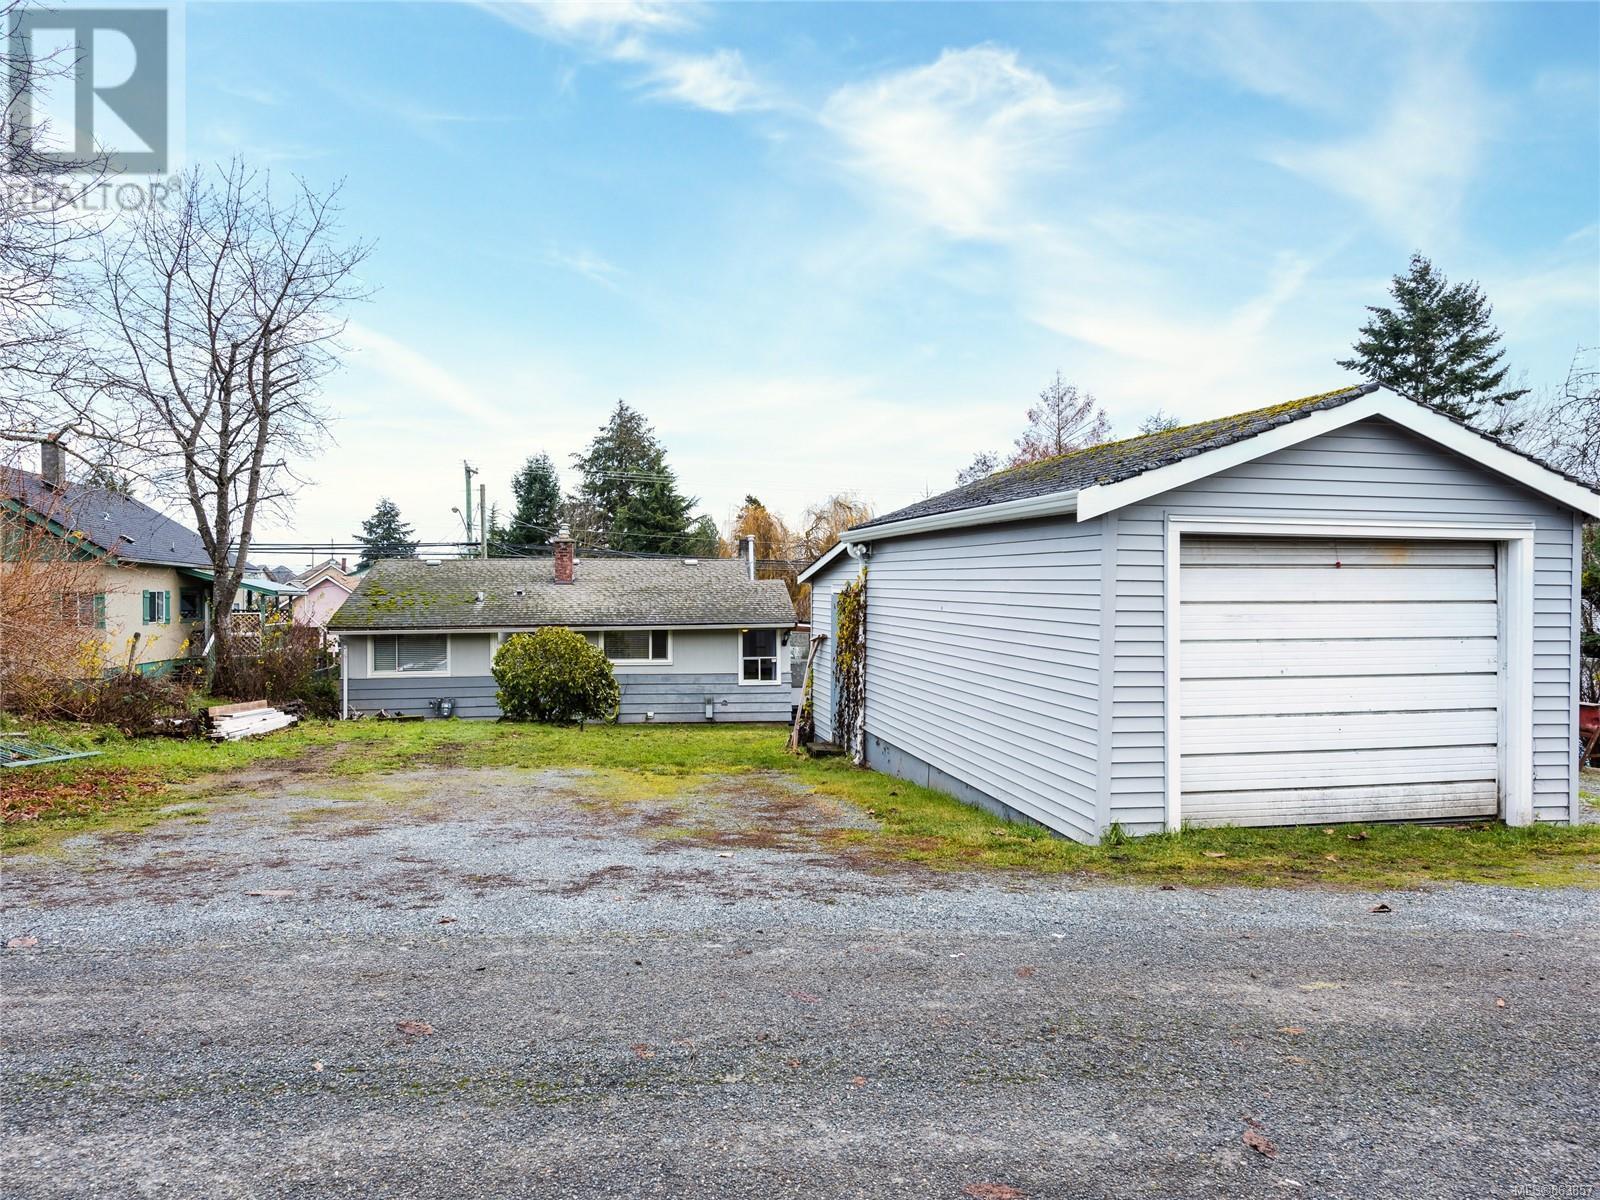 706 Victoria Rd, Nanaimo, British Columbia  V9R 4R5 - Photo 18 - 863857